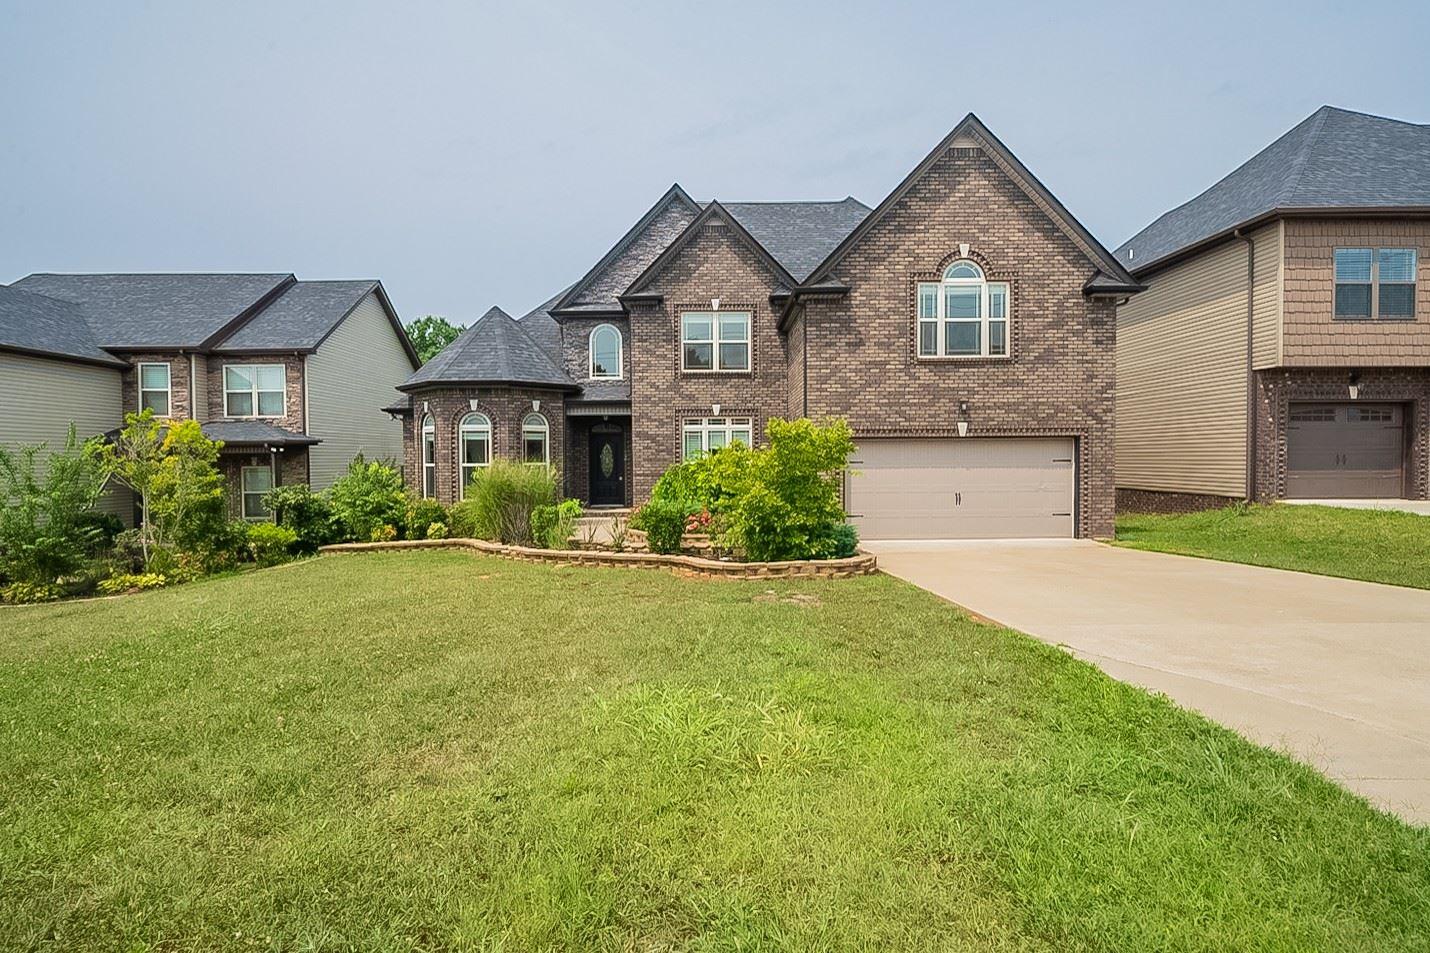 975 Smoots Dr, Clarksville, TN 37042 - MLS#: 2280785